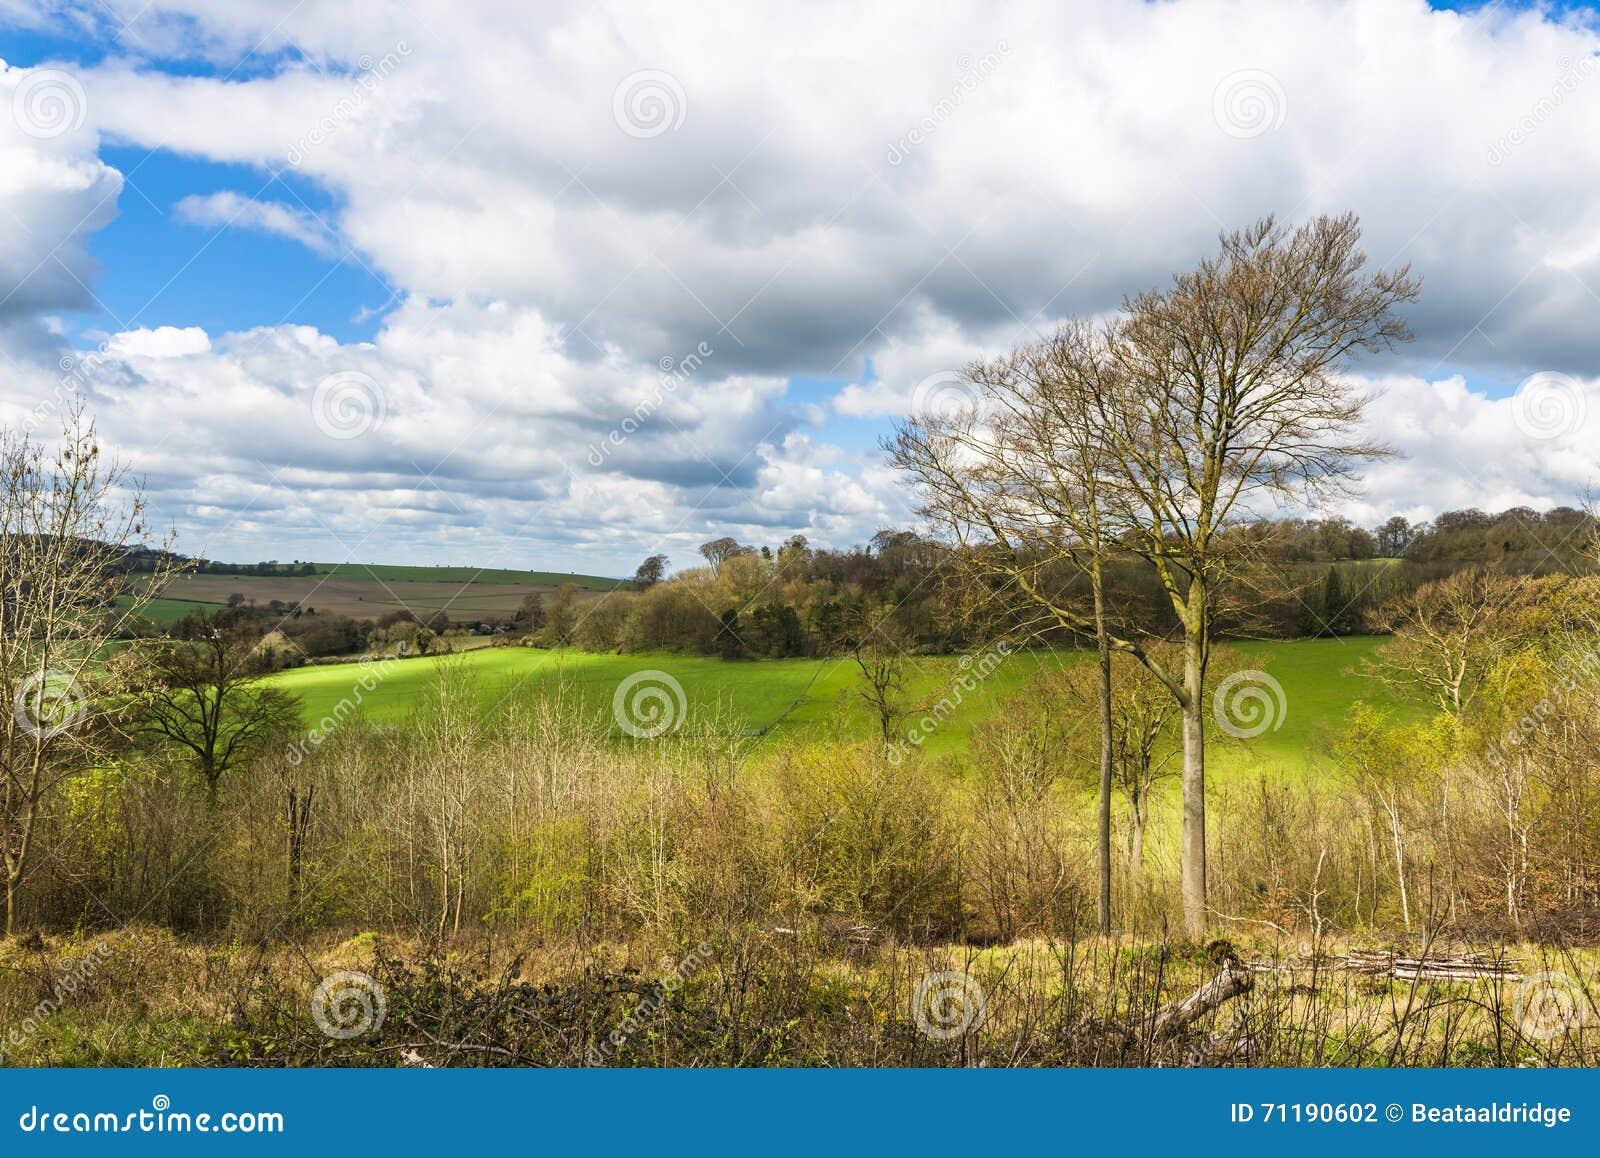 Campagna inglese in primavera hertfordshire regno unito for Piani di campagna inglese